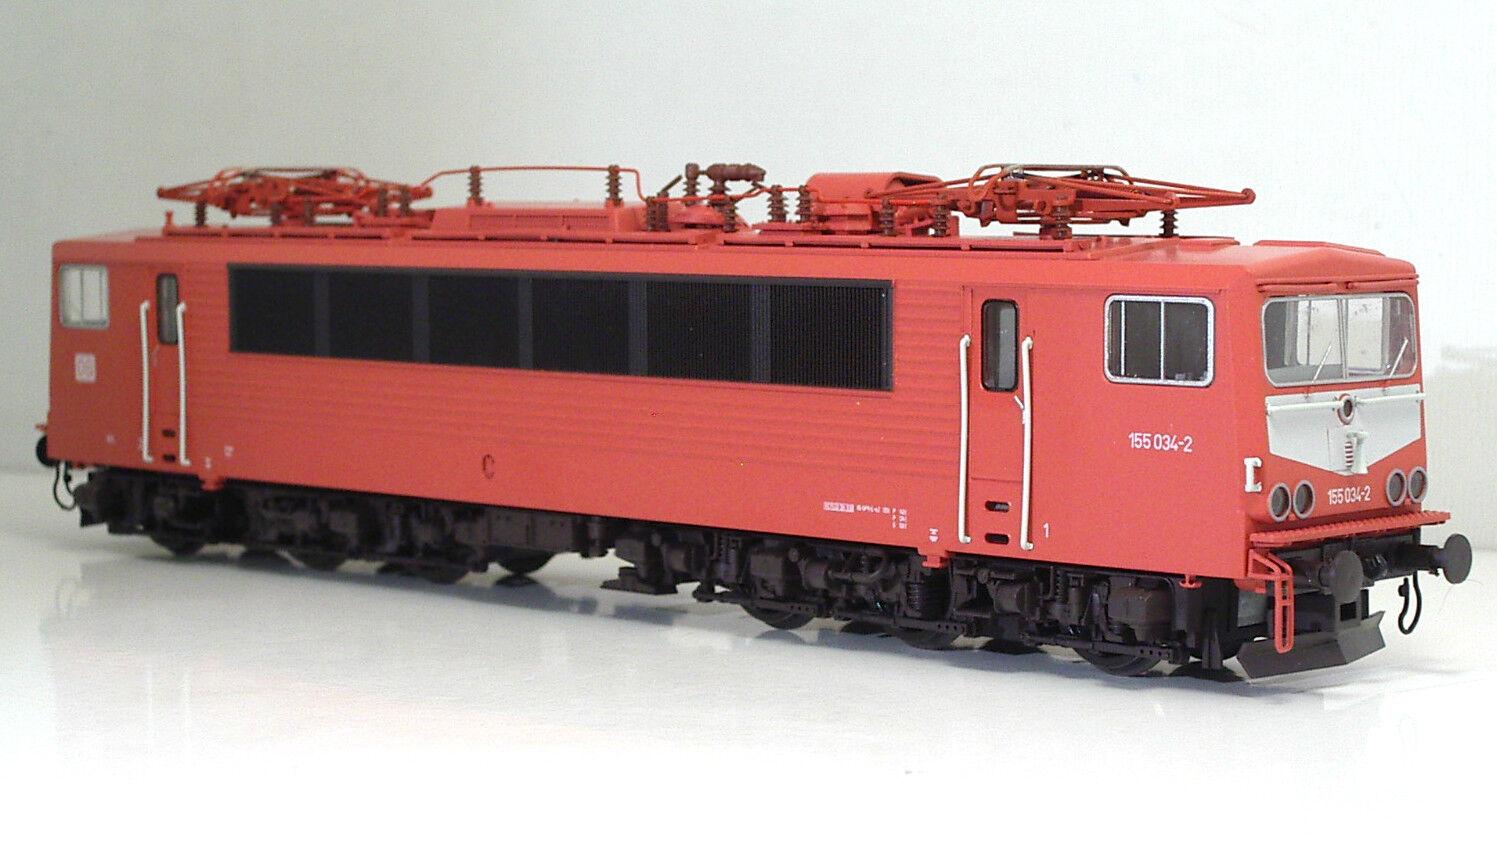 GElektrolokomotive 155 034-2 DB Ep V